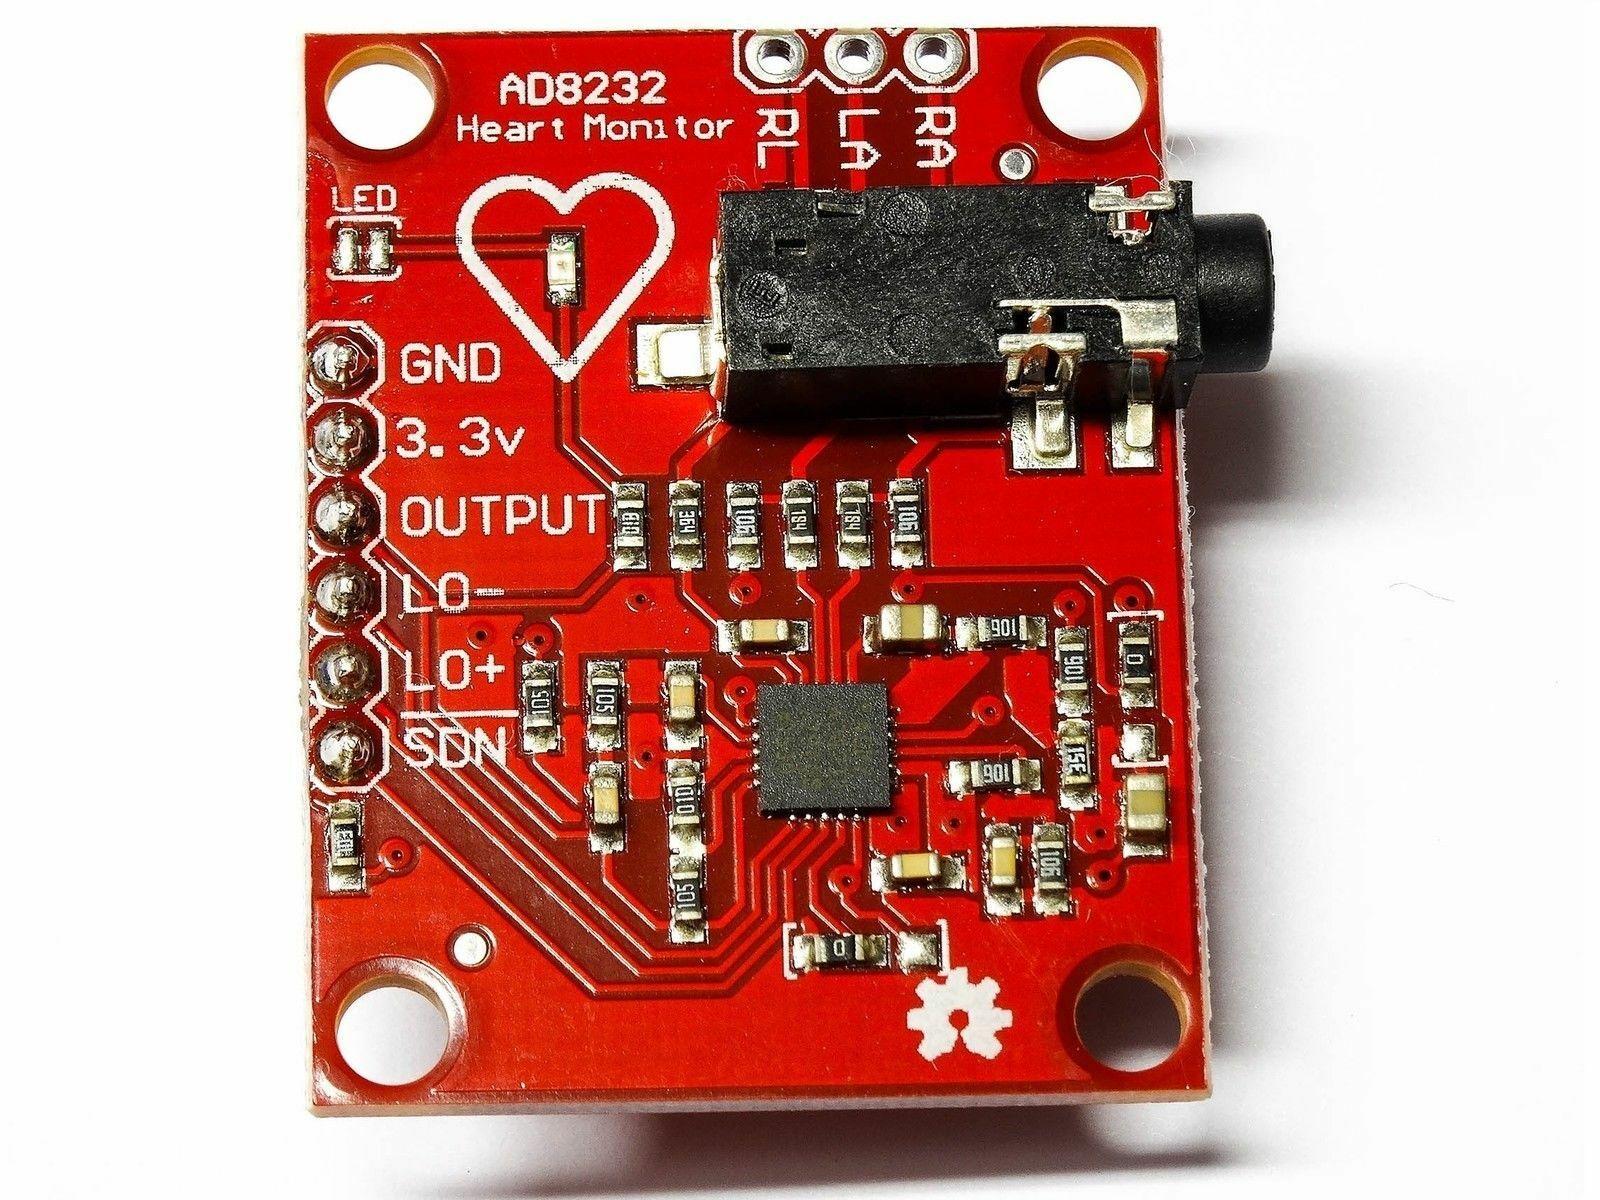 وحدة مراقبة معدل ضربات القلب AD8232, رصاص واحد AD8232